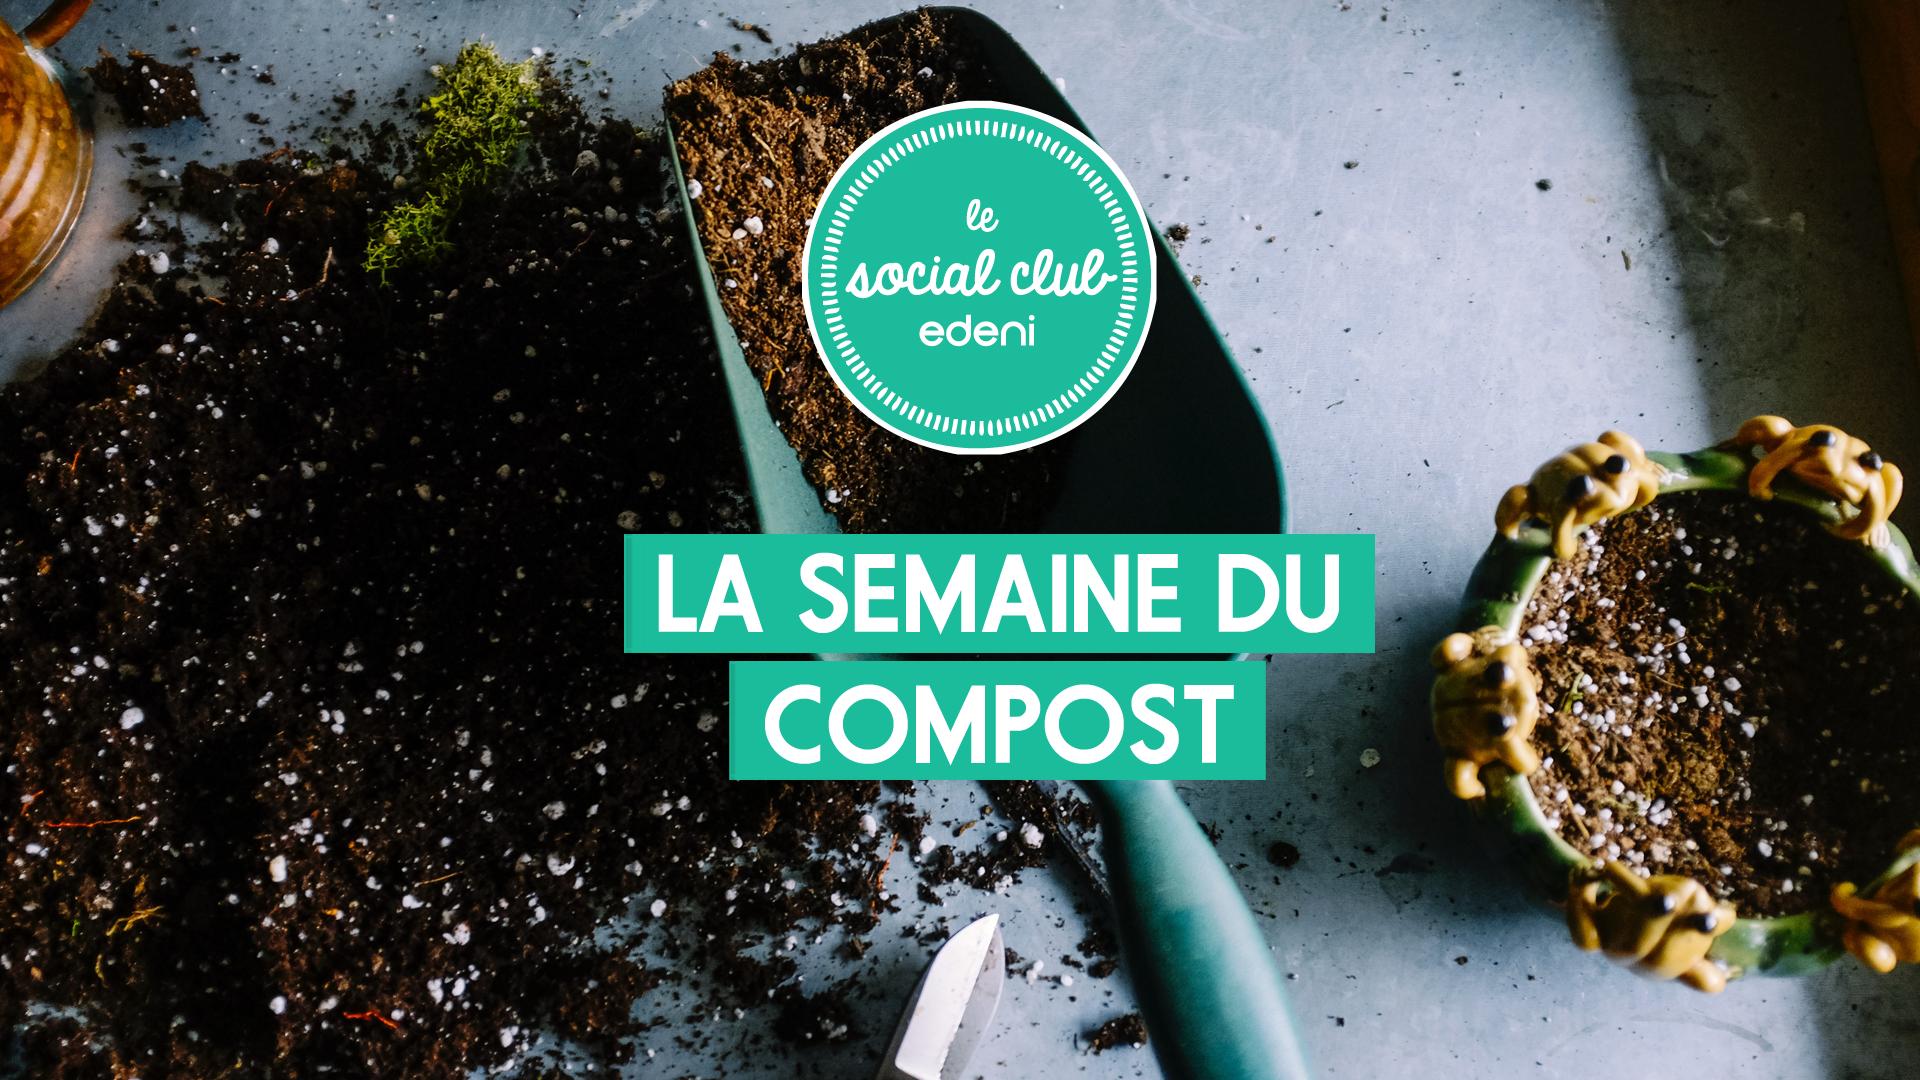 Que faire pendant la semaine du compost ?